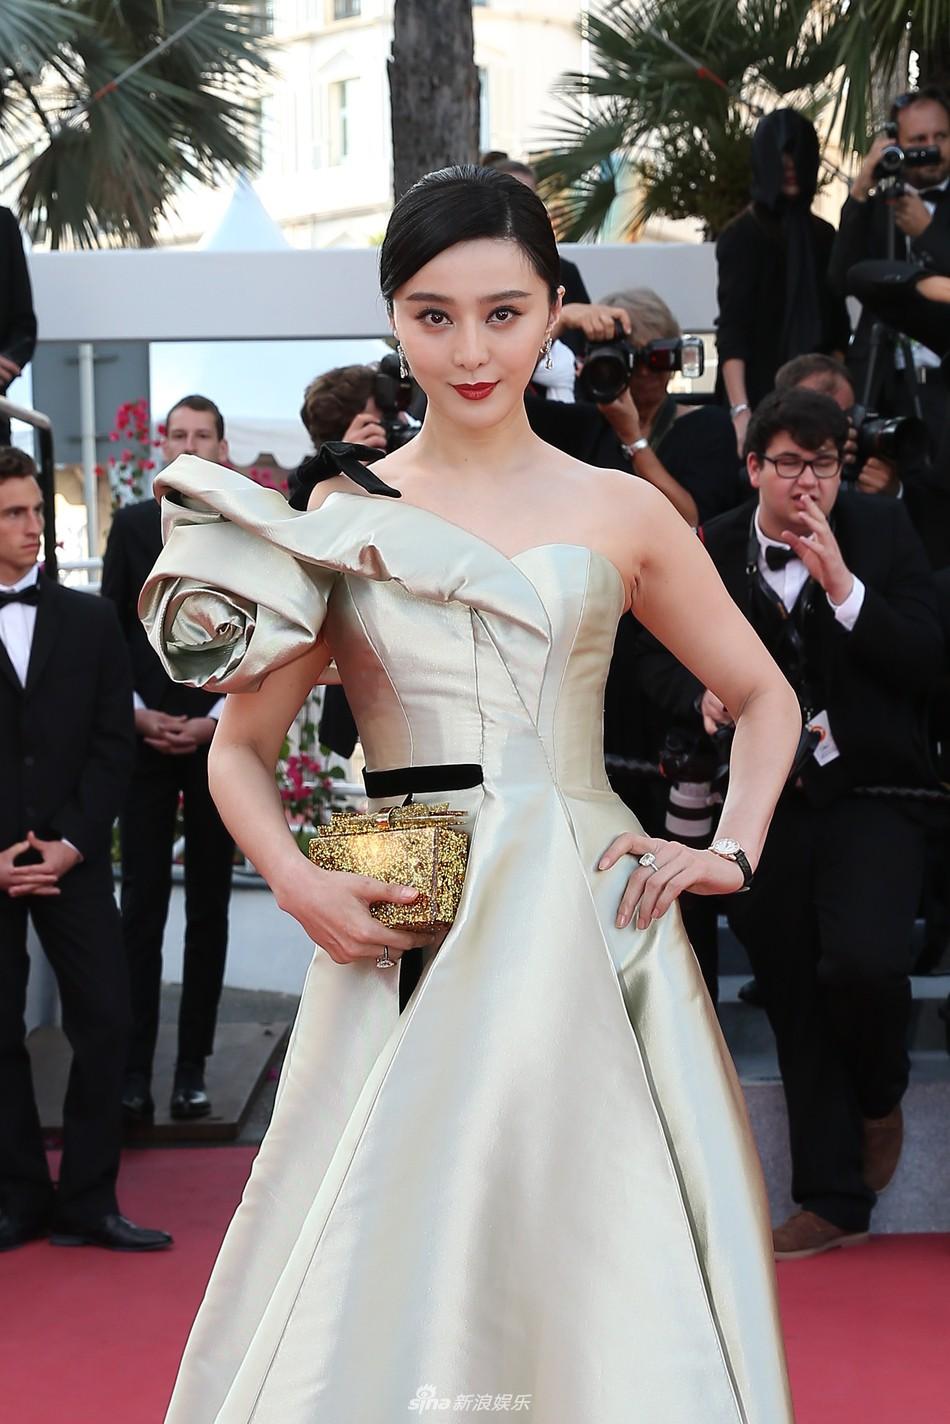 Thảm đỏ Cannes: Đây mới chính là nữ hoàng Phạm Băng Băng mà tất cả cùng mong chờ! - Ảnh 6.